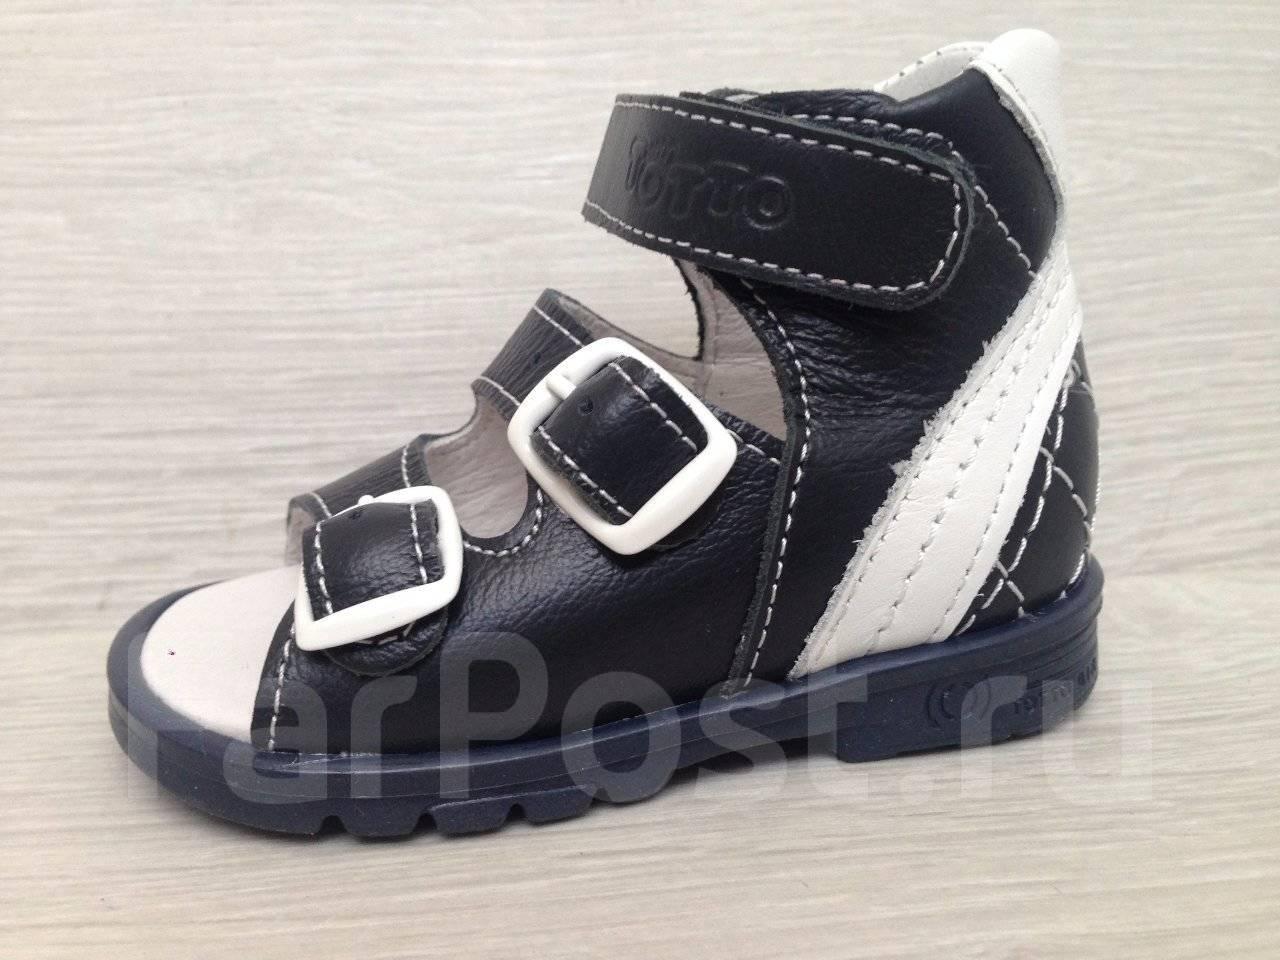 69bf70ca6 Детские сандалии Размер: 18 размера - купить во Владивостоке. Цены. Фото.